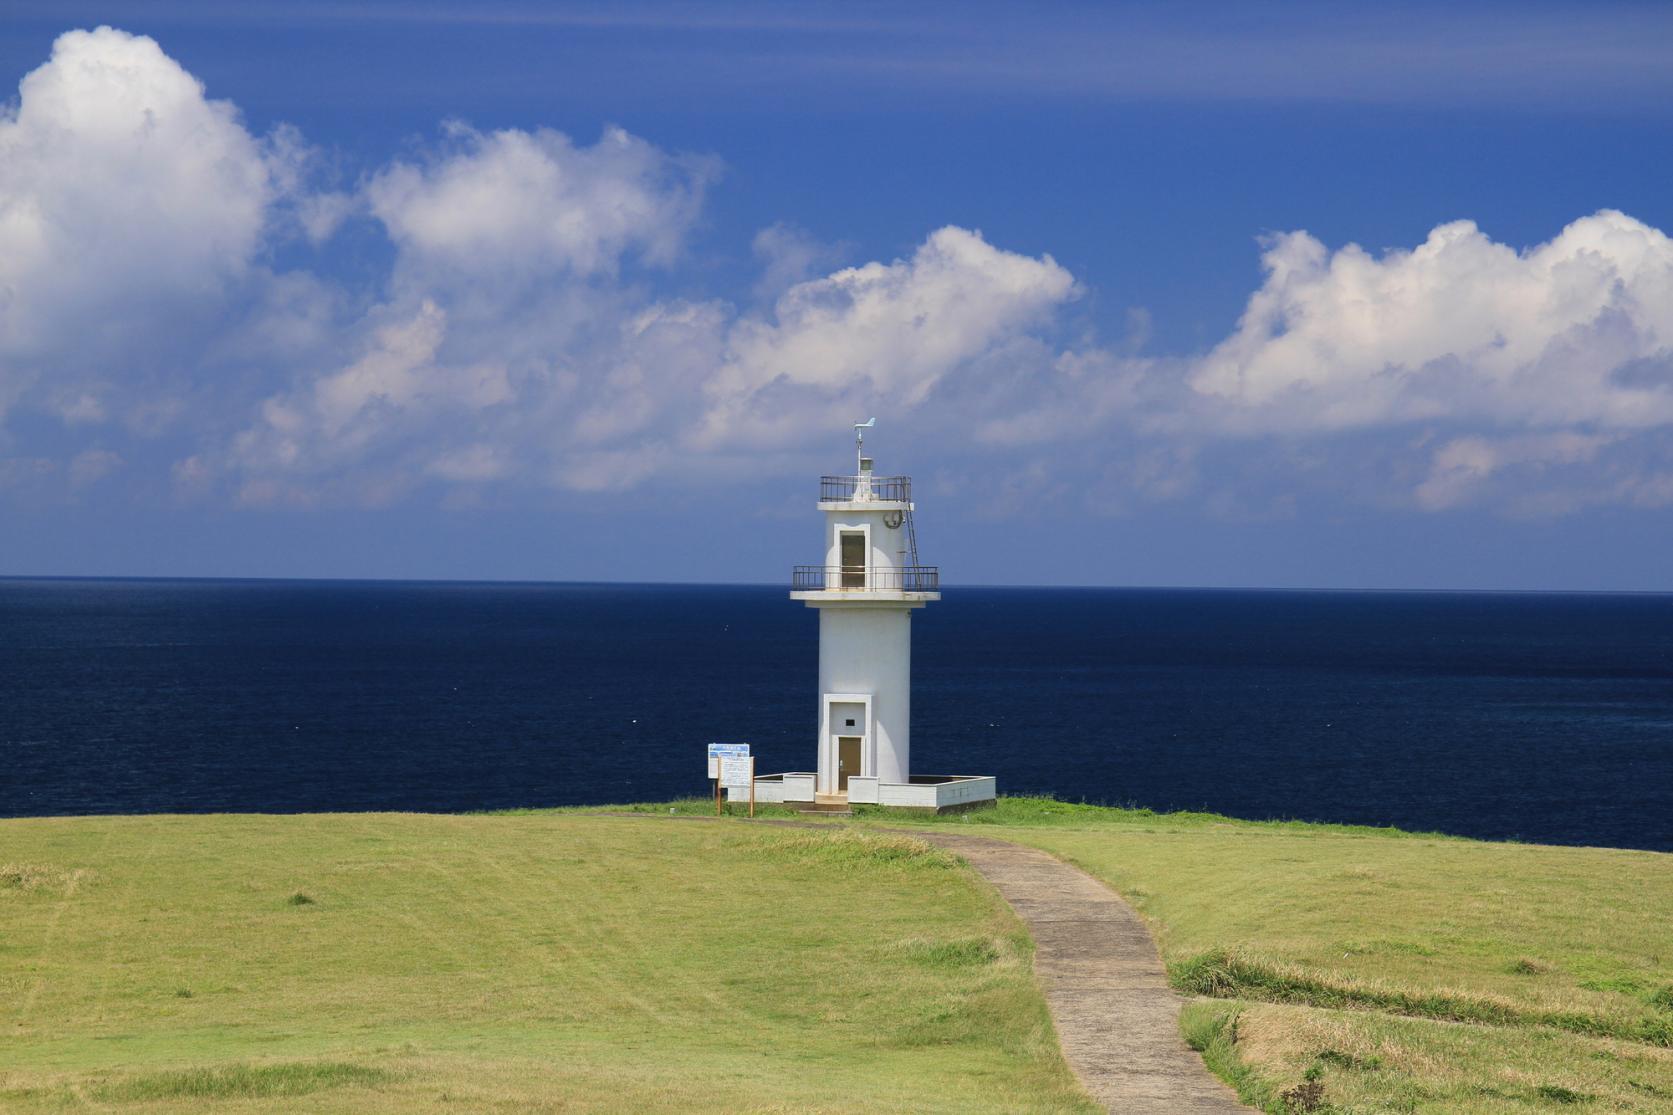 ここは海外か!? のどかな時間と豊かな自然が楽しめる「非日常の島」へ -8